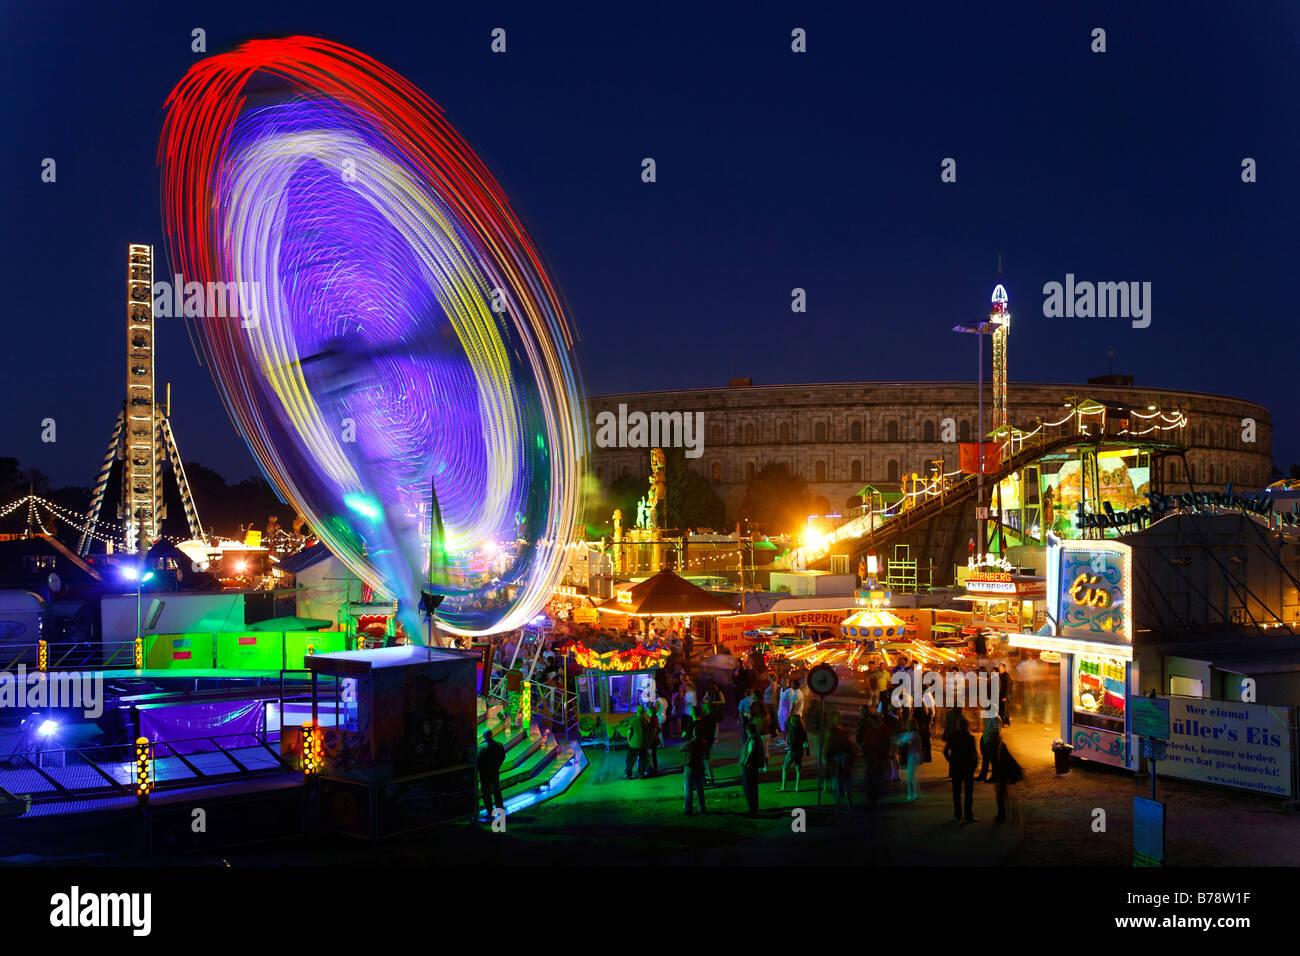 Carousel, automne folk Festival, festival de printemps dans la soirée sur le parti nazi rally motif devant Photo Stock